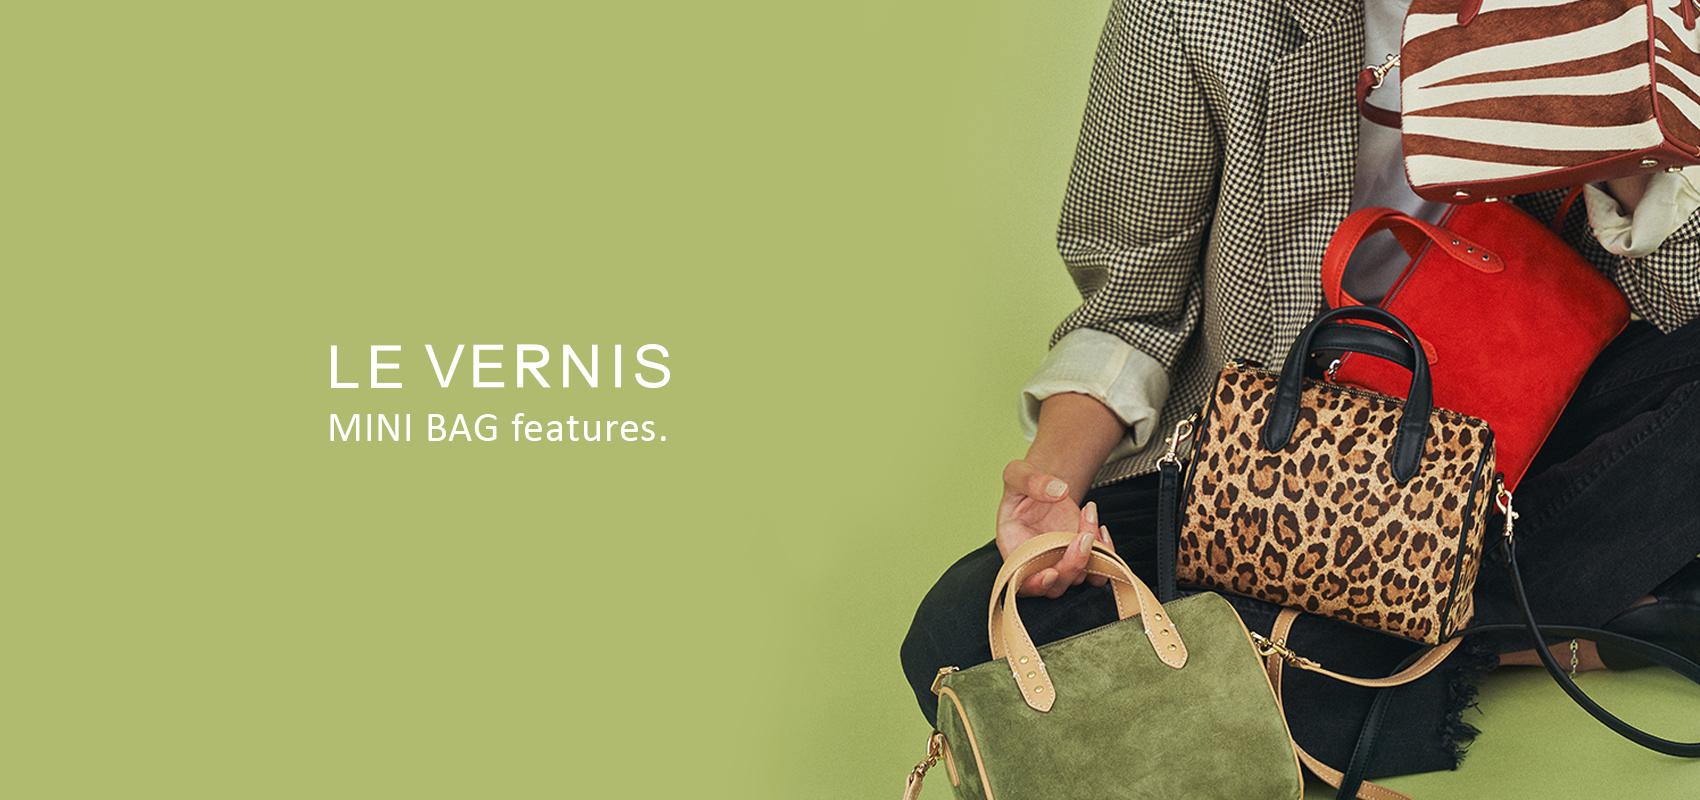 LE VERNIS MINI BAG features.